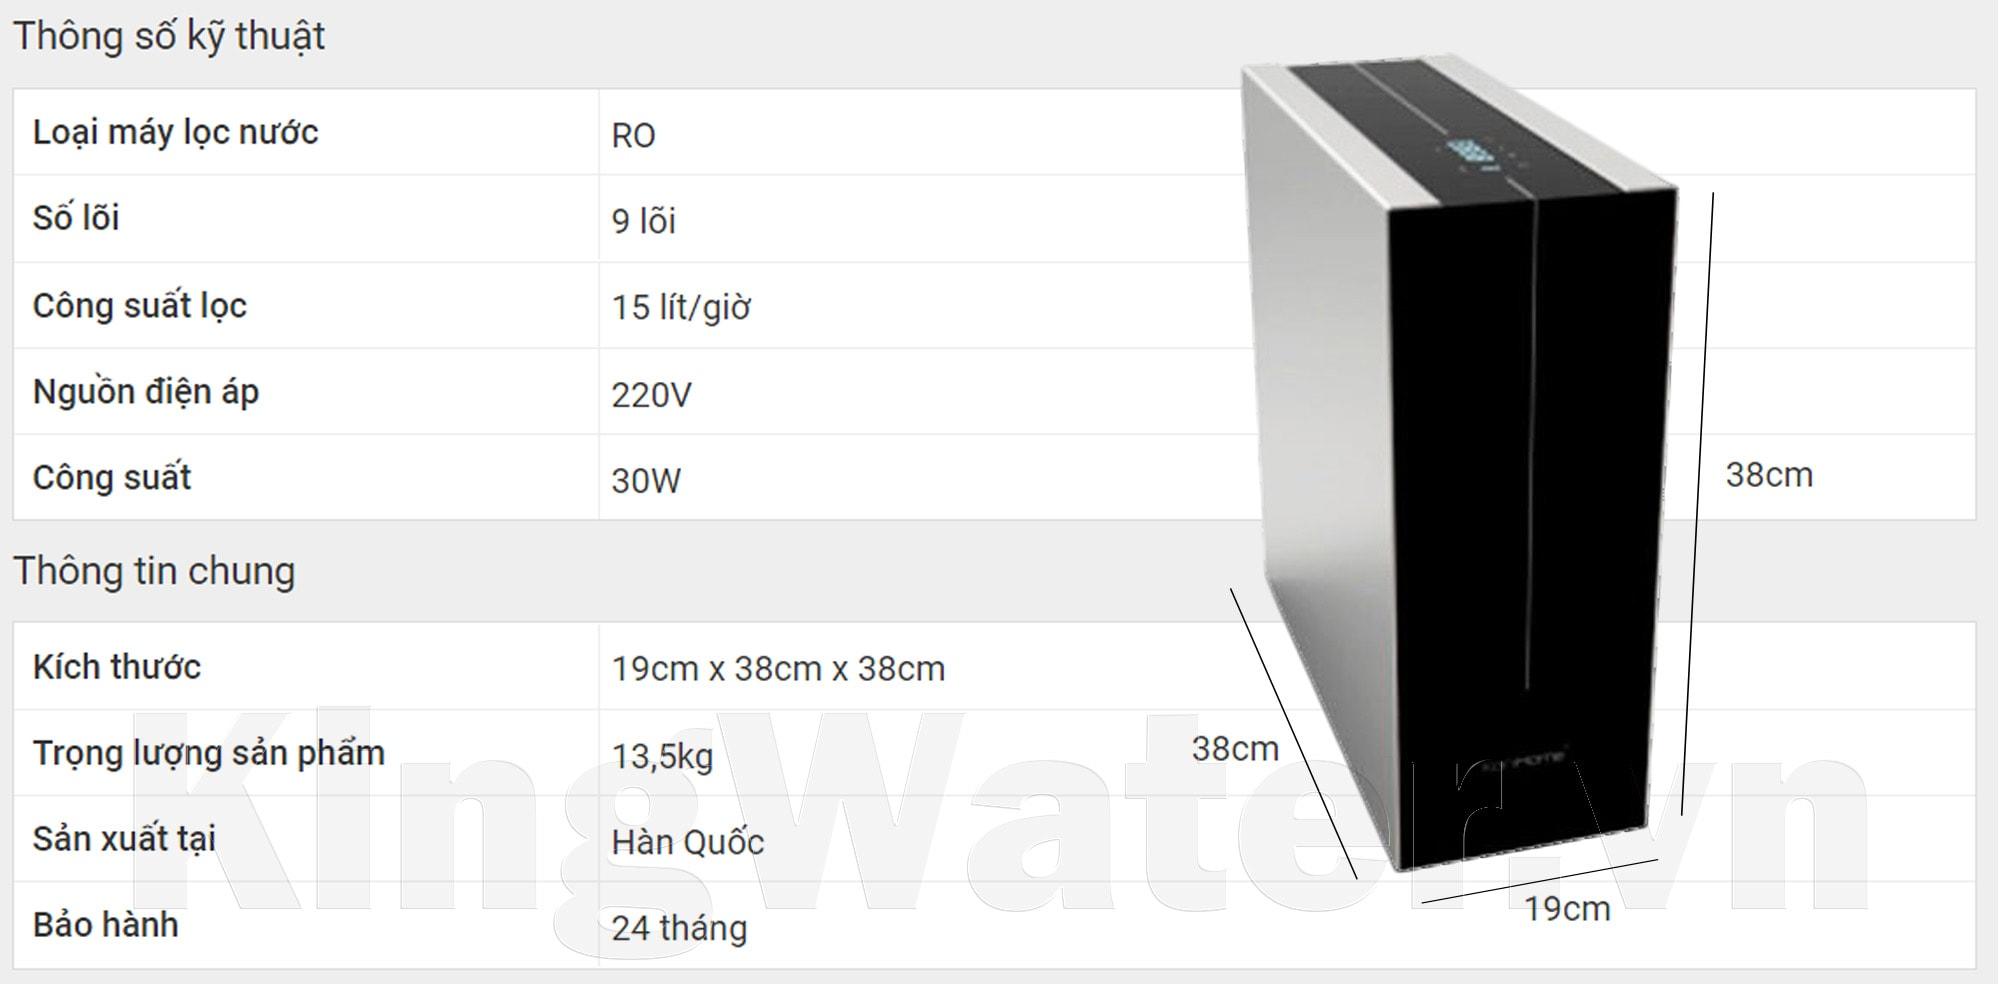 Thông số kỹ thuật của máy lọc nước Korihome WPK-K91